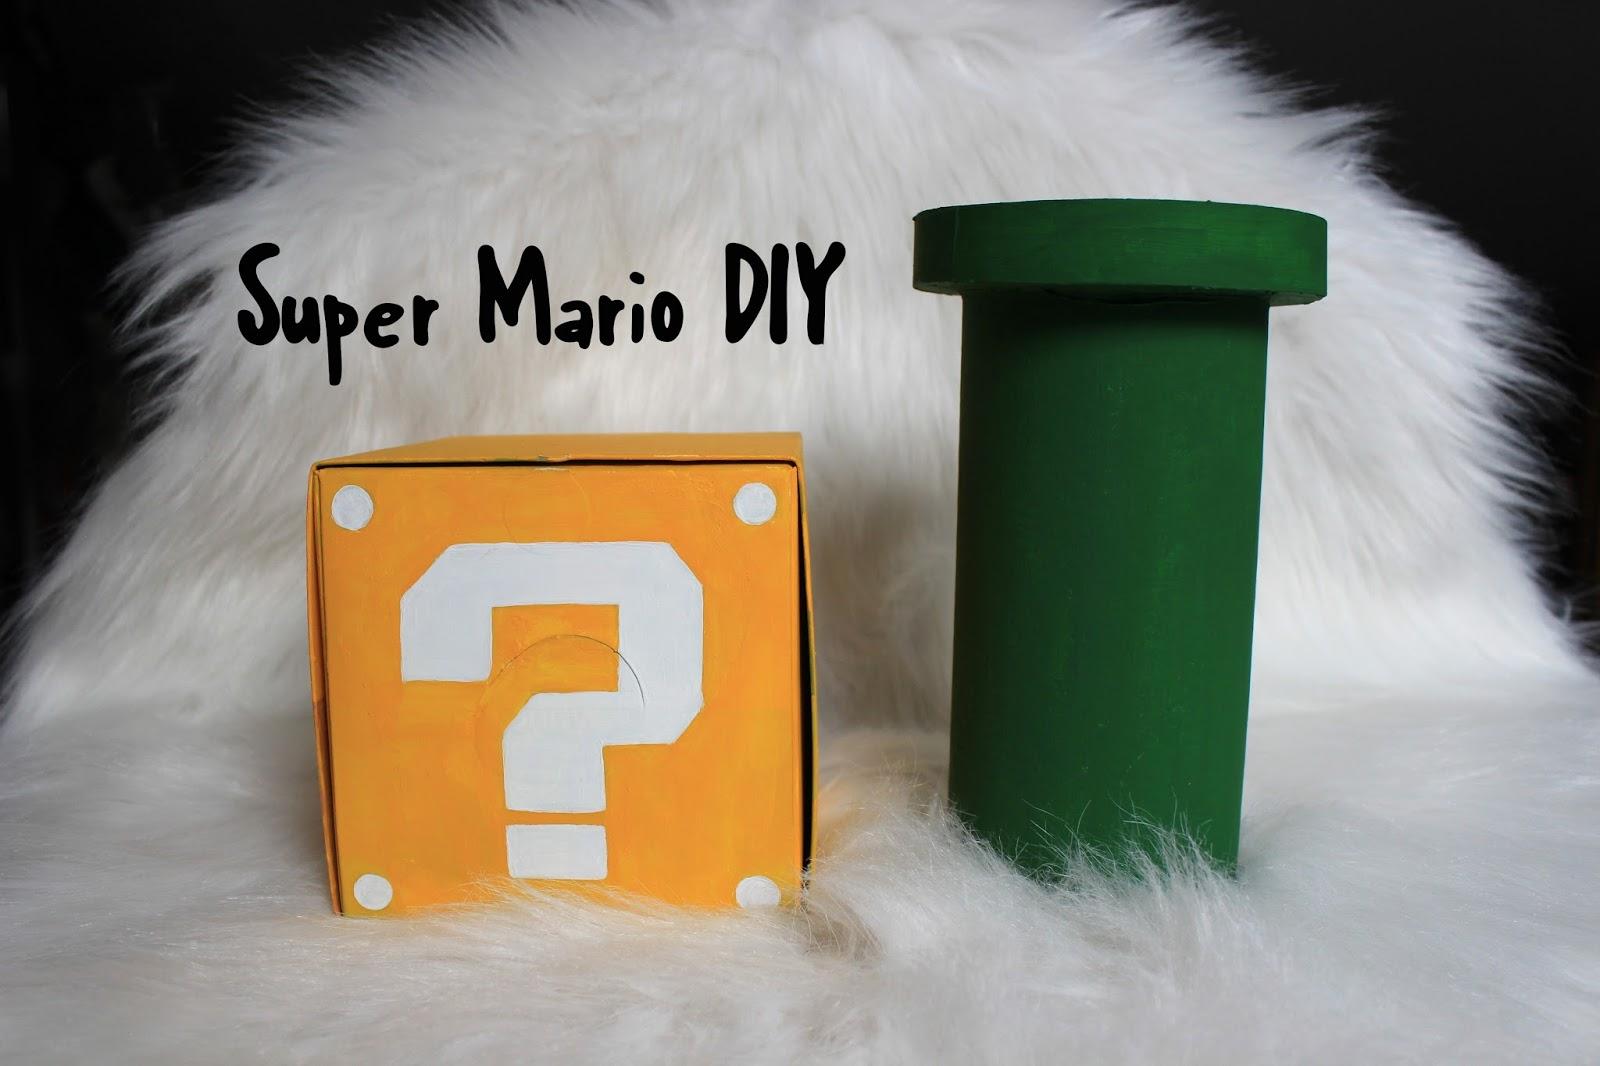 Super Mario DIY